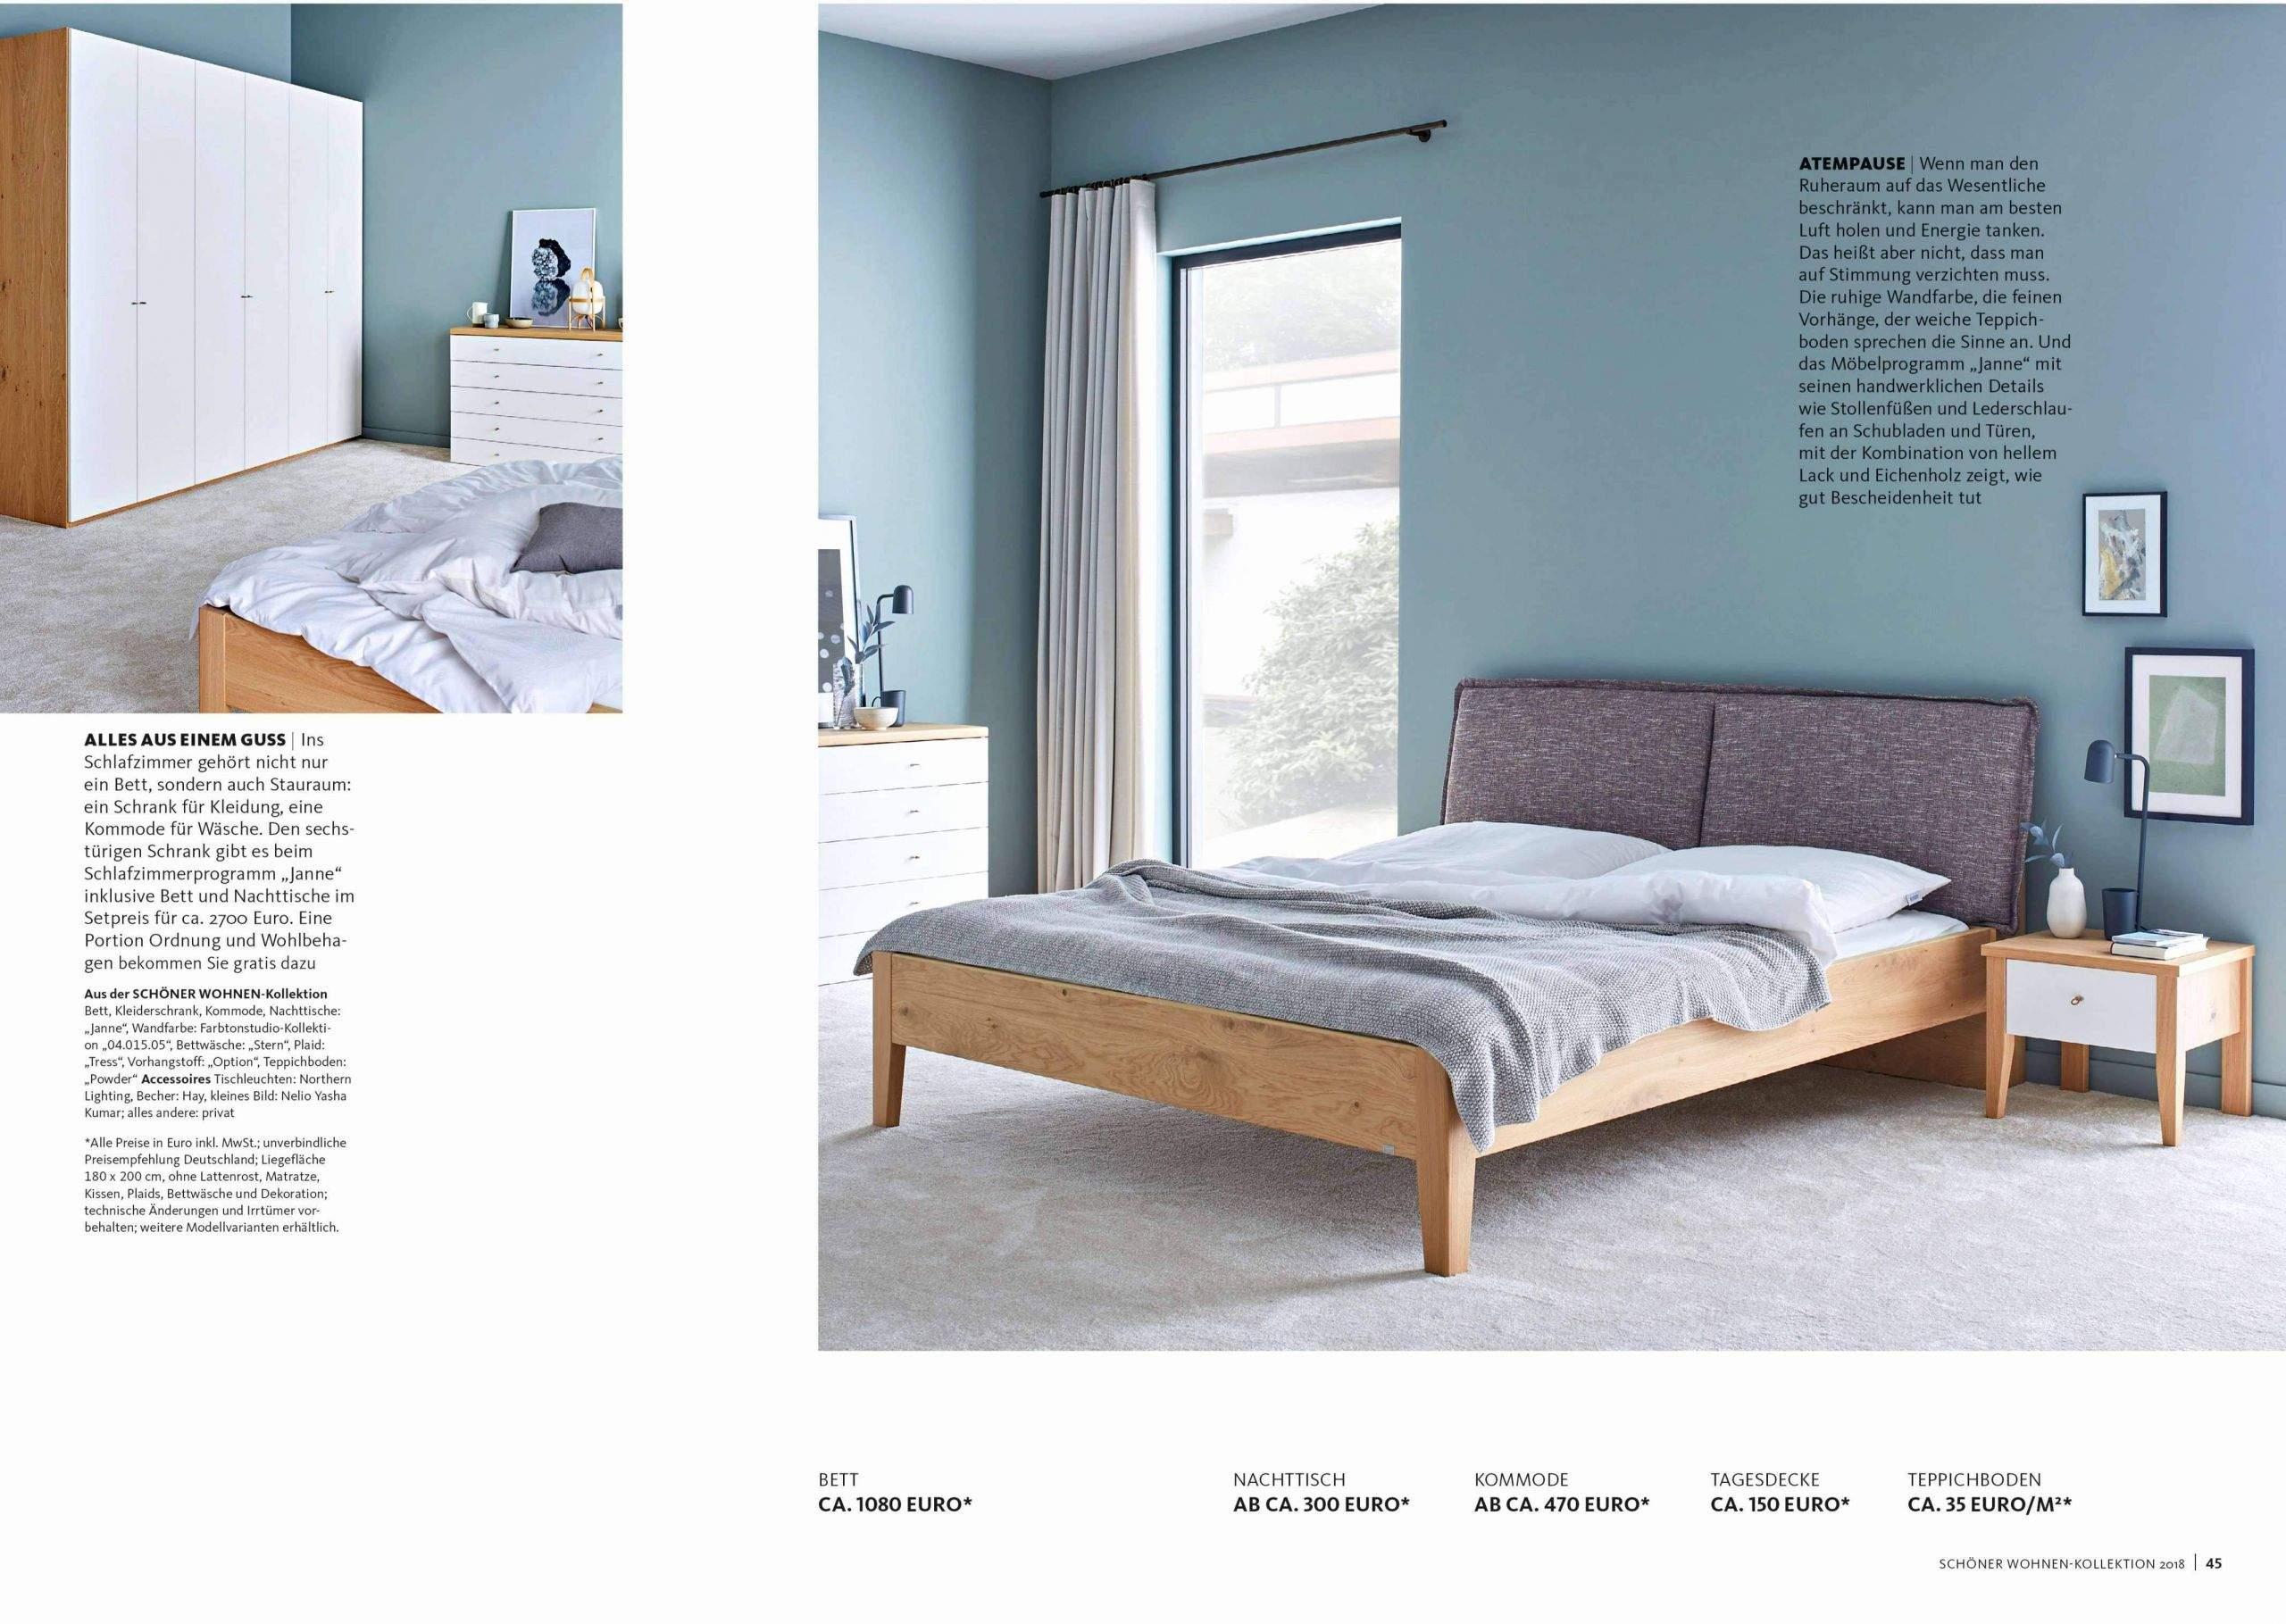 Holz Wohnen Garten Neu 30 Luxus Ikea Einrichtungsideen Wohnzimmer Frisch Garten Anlegen